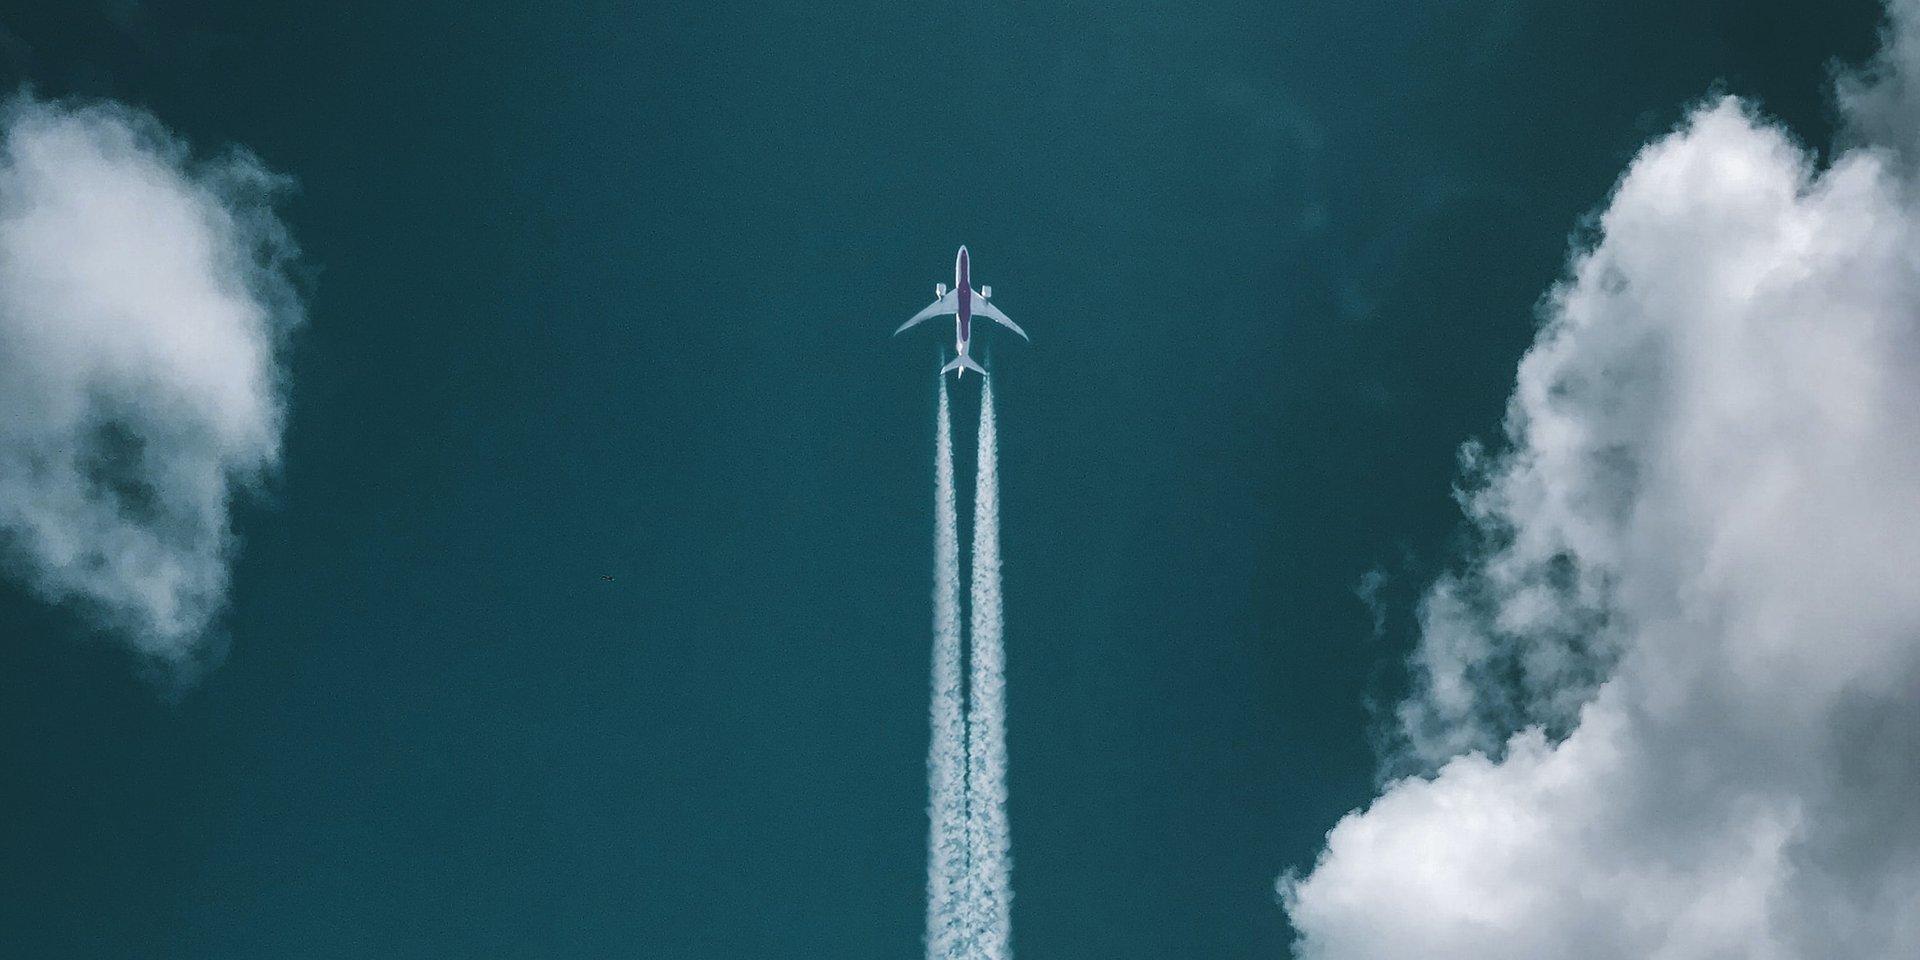 Mknąc z prędkością Chmury